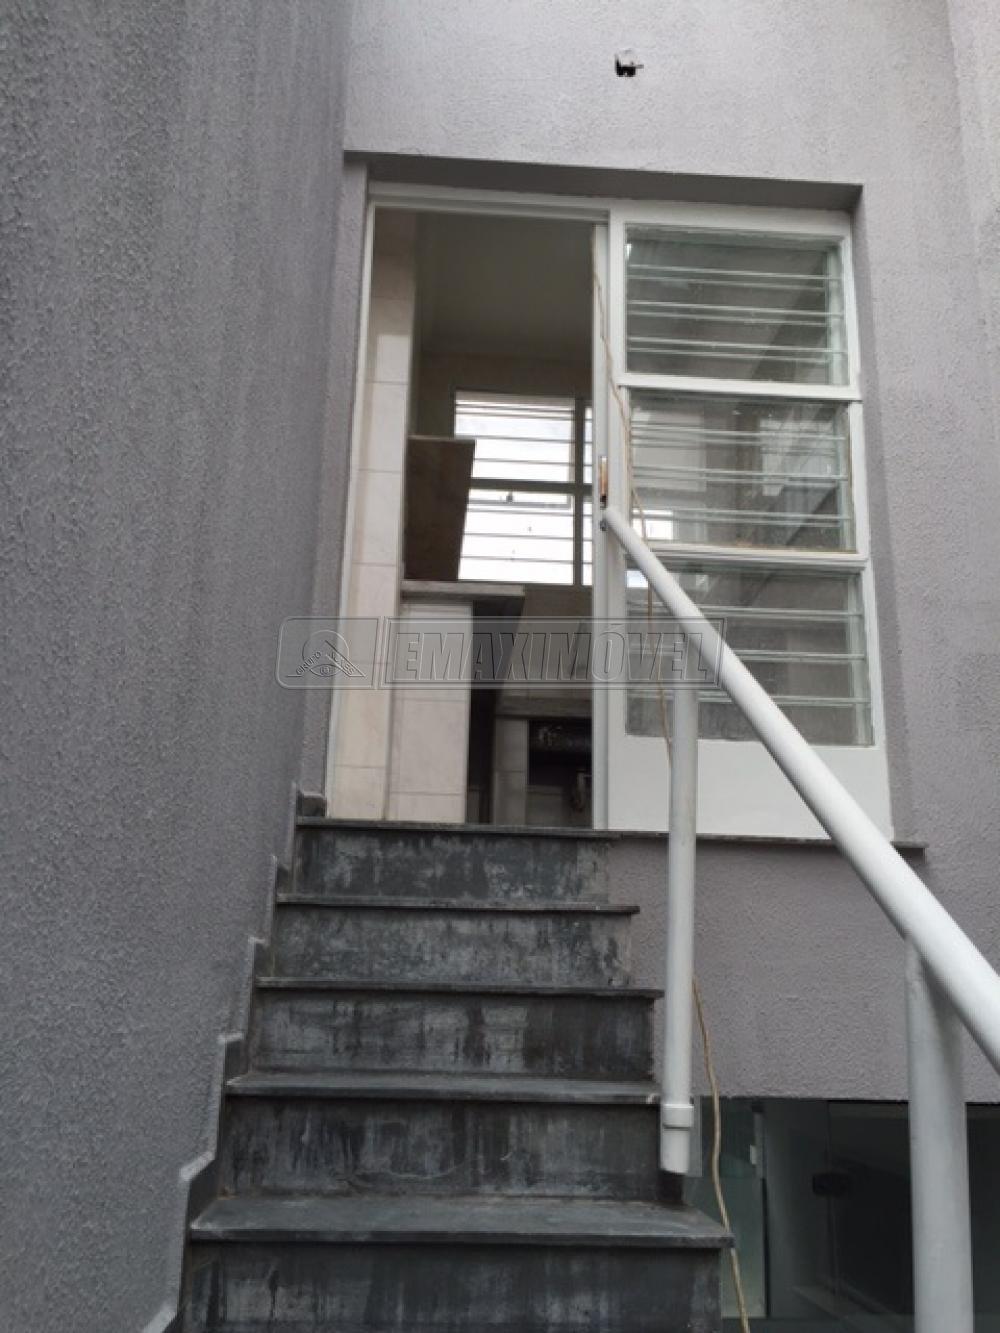 Alugar Casas / Comerciais em Sorocaba apenas R$ 4.500,00 - Foto 13